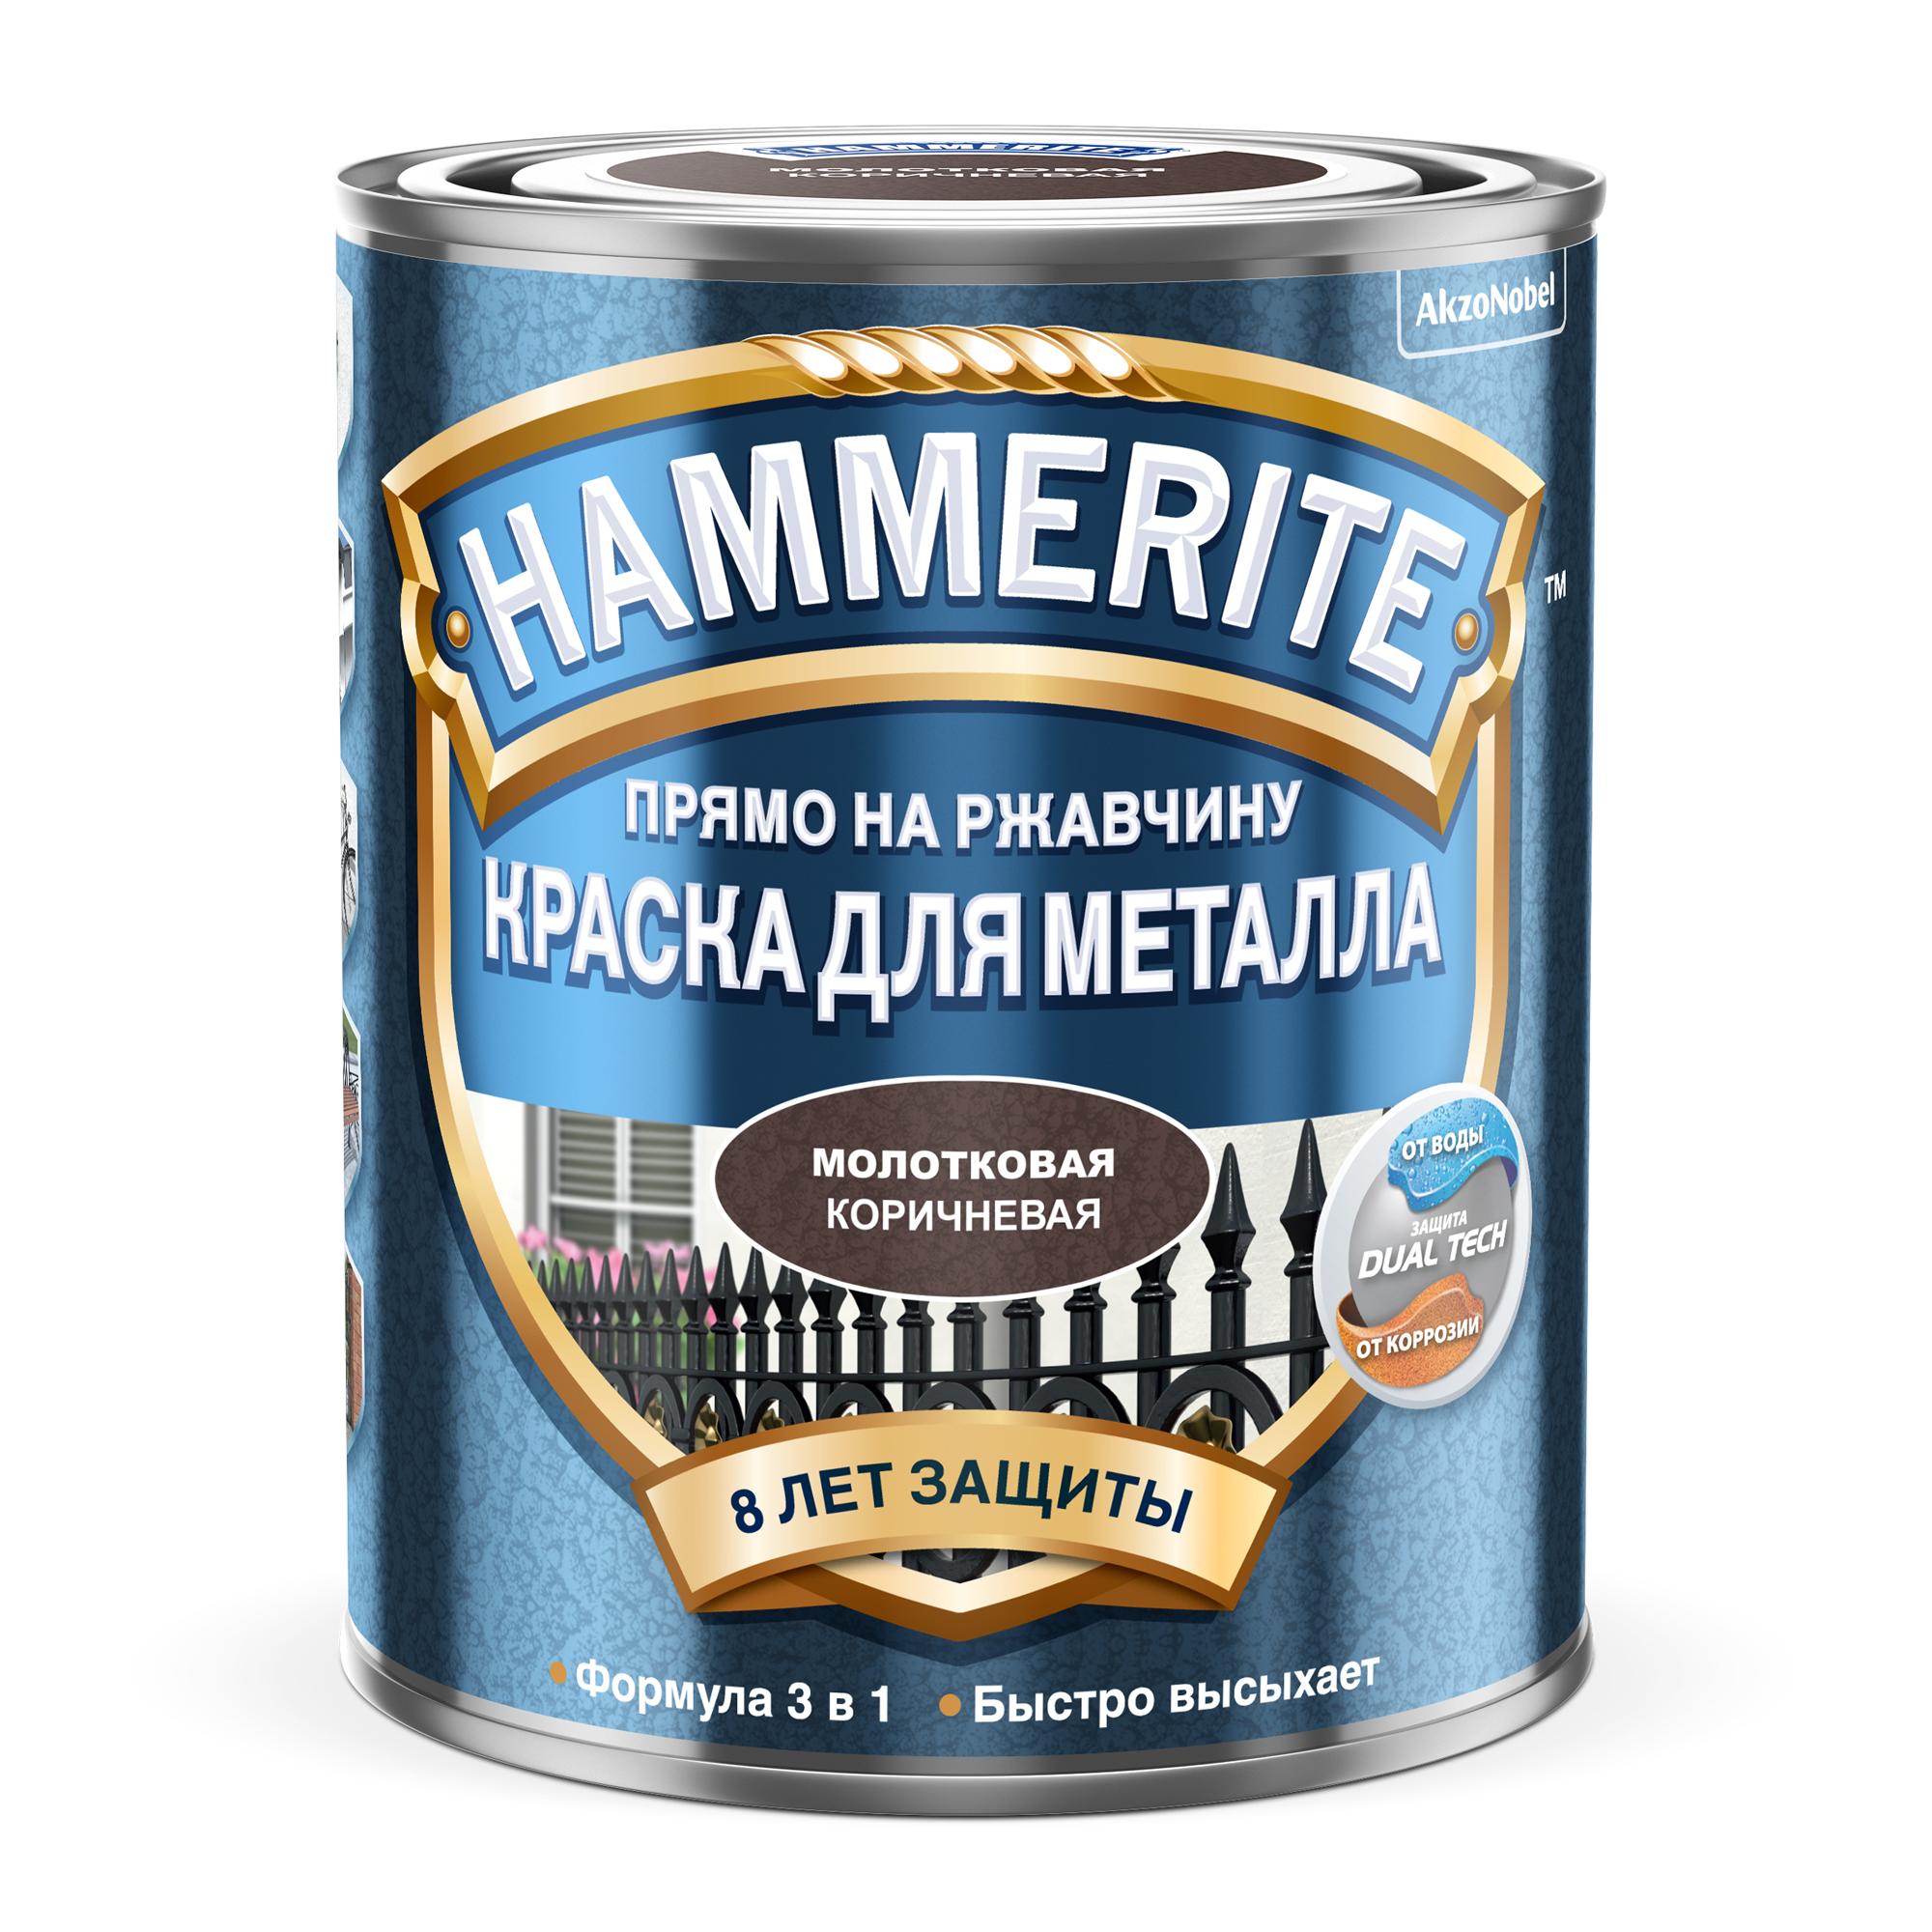 Краска Hammerite молотковая коричневая 0.75л краска по ржавчине tikkurila metallista молотковая коричневая глянцевая 0 4 л